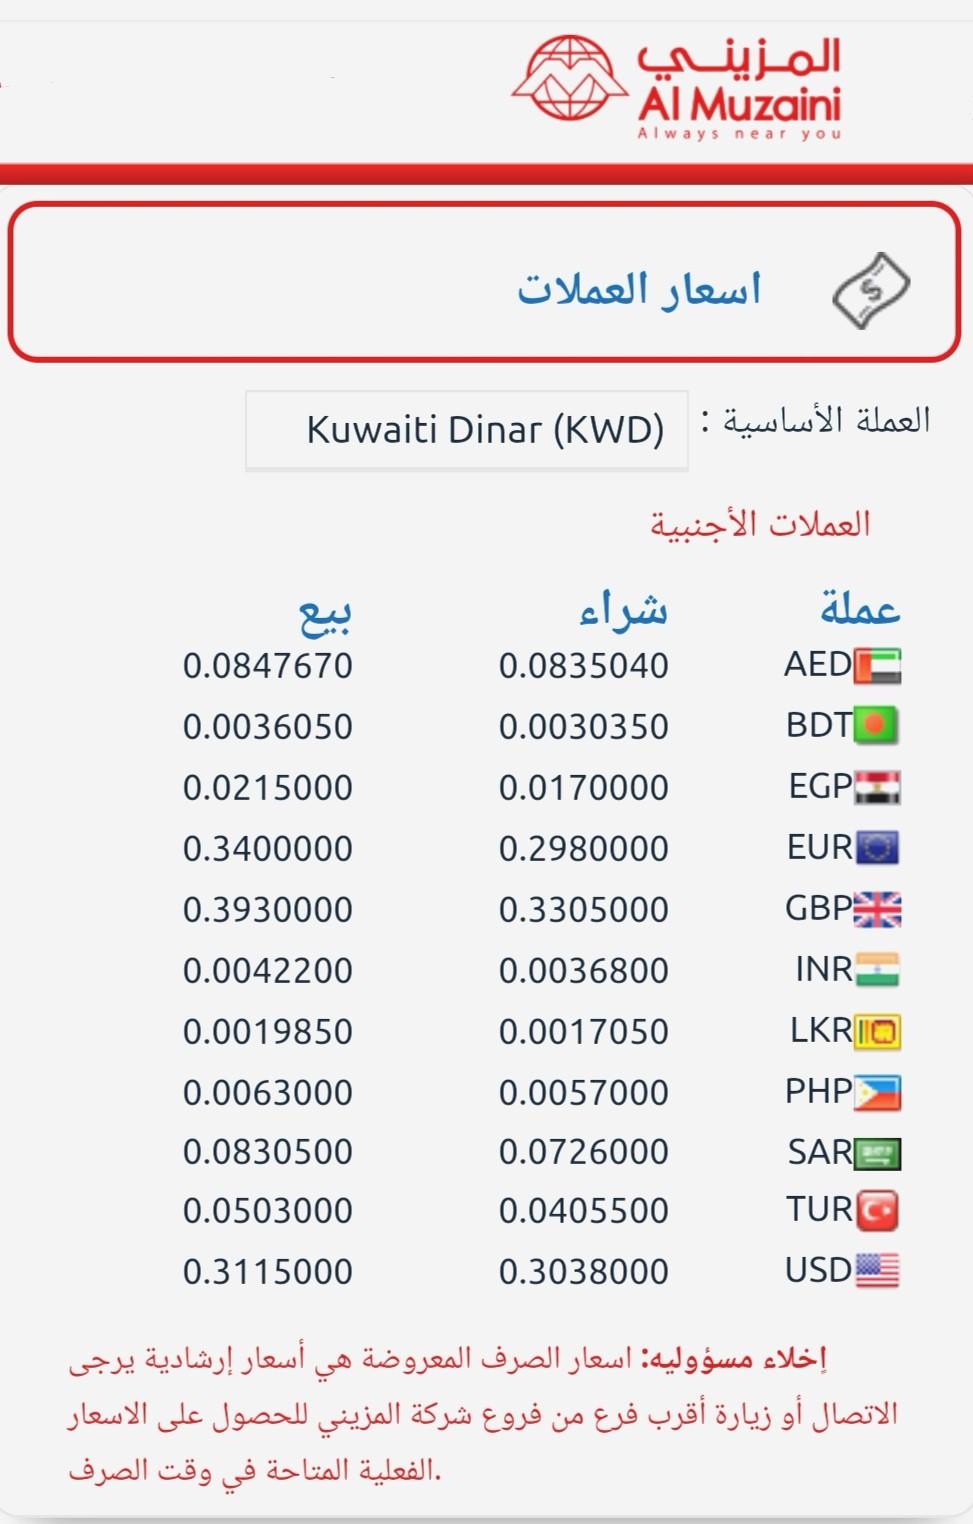 اسعار العملات بالكويت اليوم  صرافة المزيني